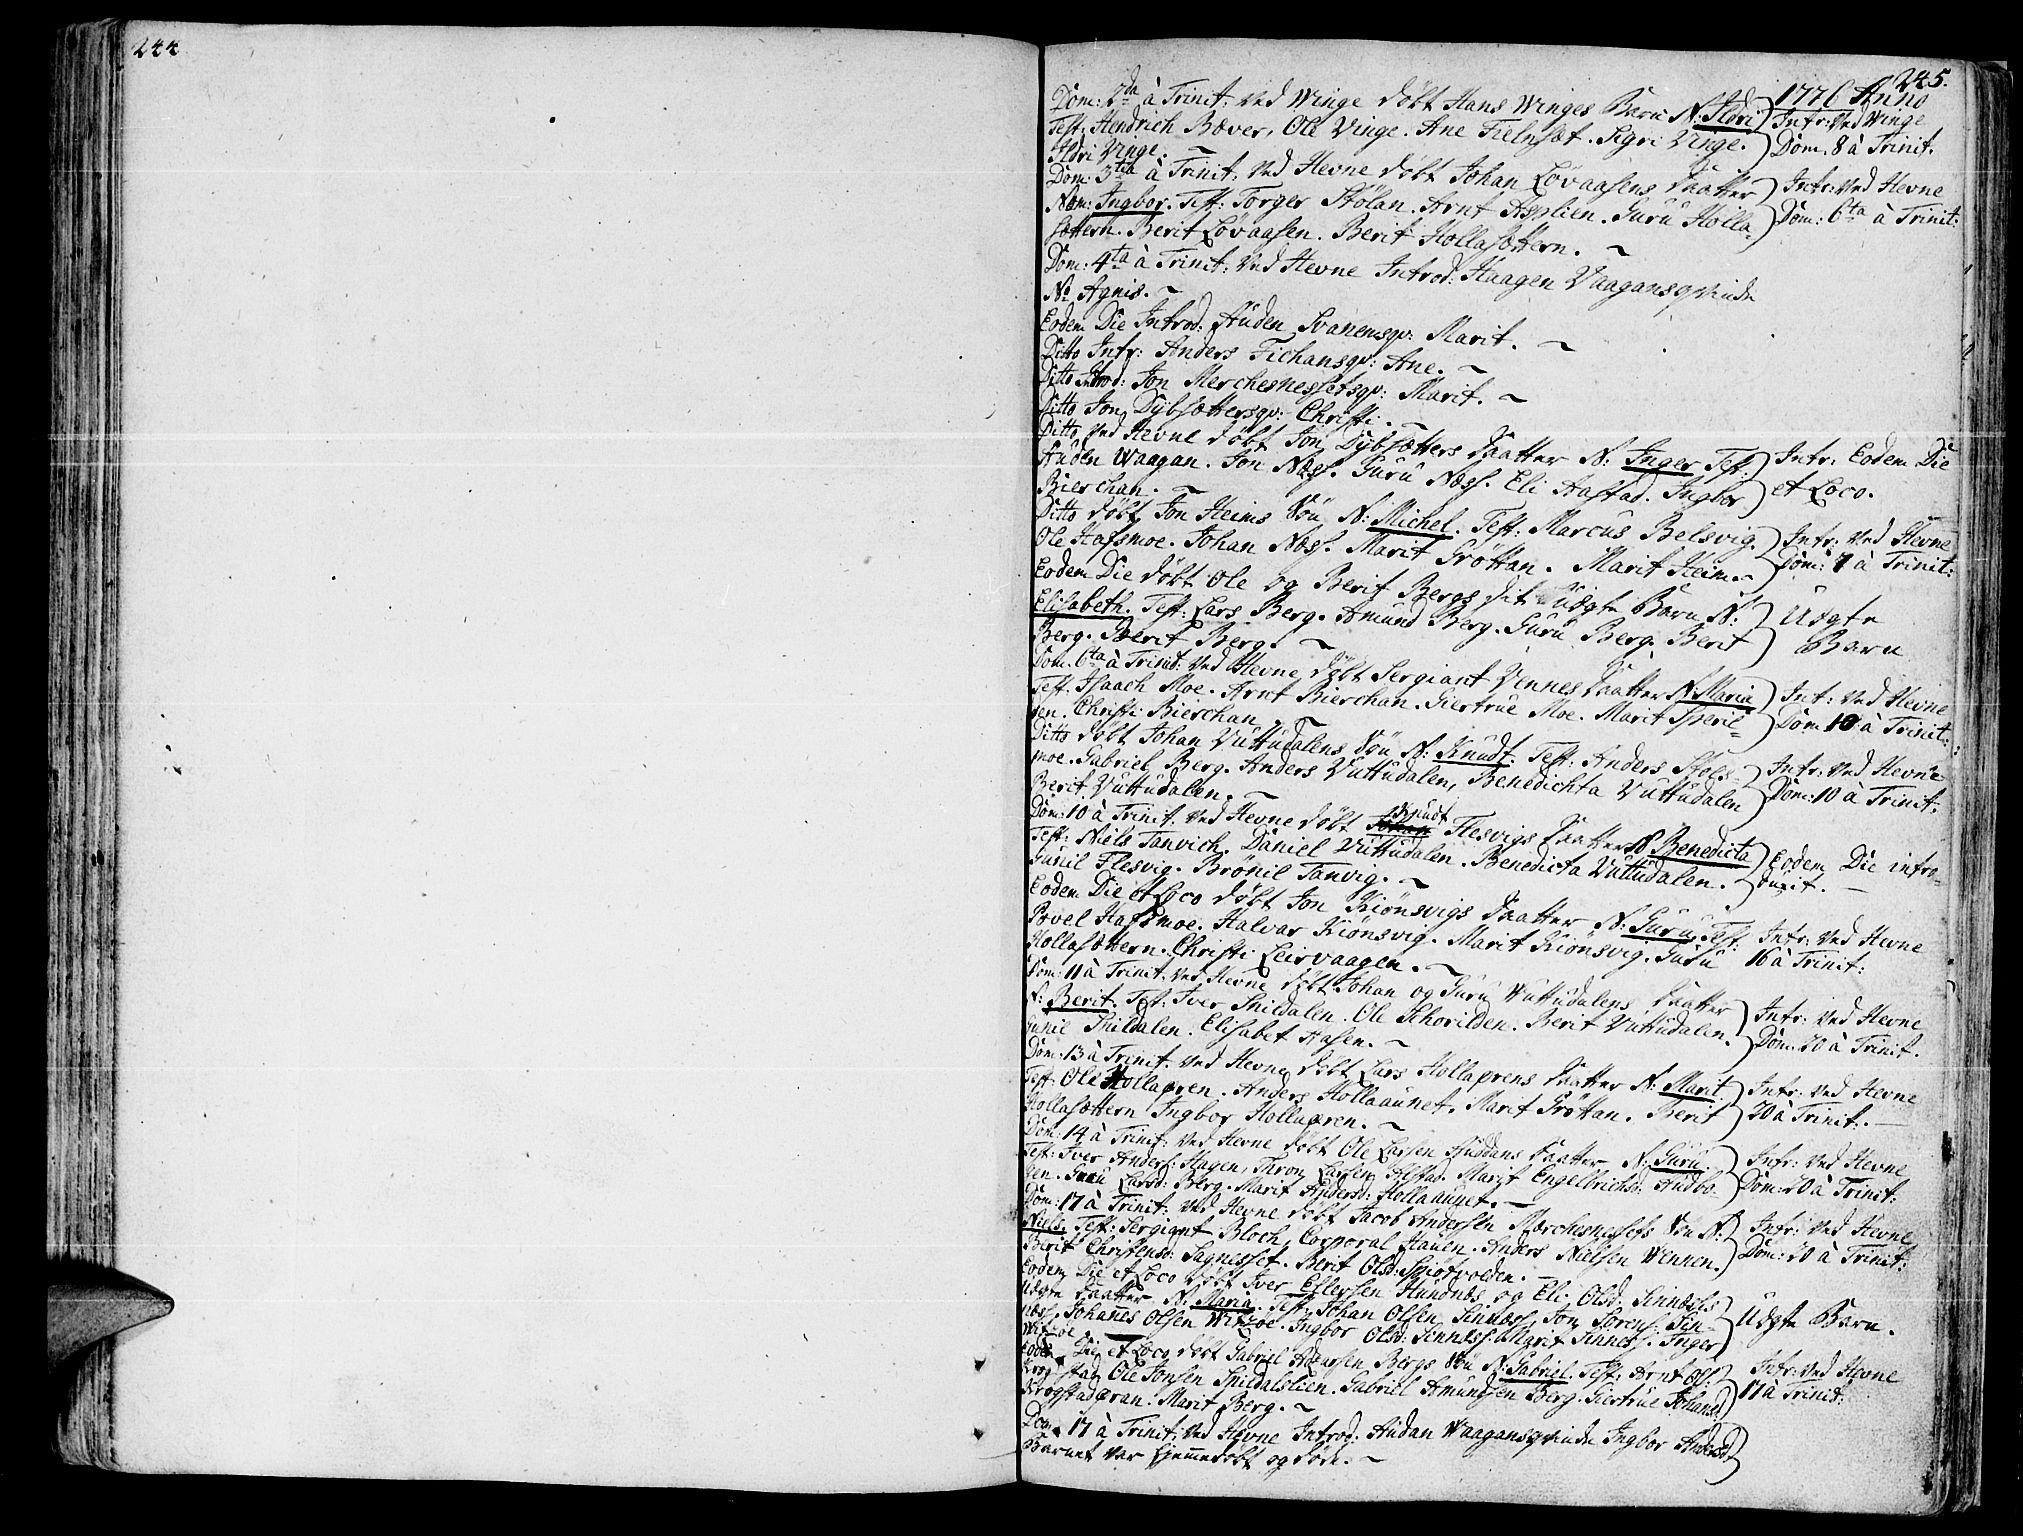 SAT, Ministerialprotokoller, klokkerbøker og fødselsregistre - Sør-Trøndelag, 630/L0489: Ministerialbok nr. 630A02, 1757-1794, s. 244-245